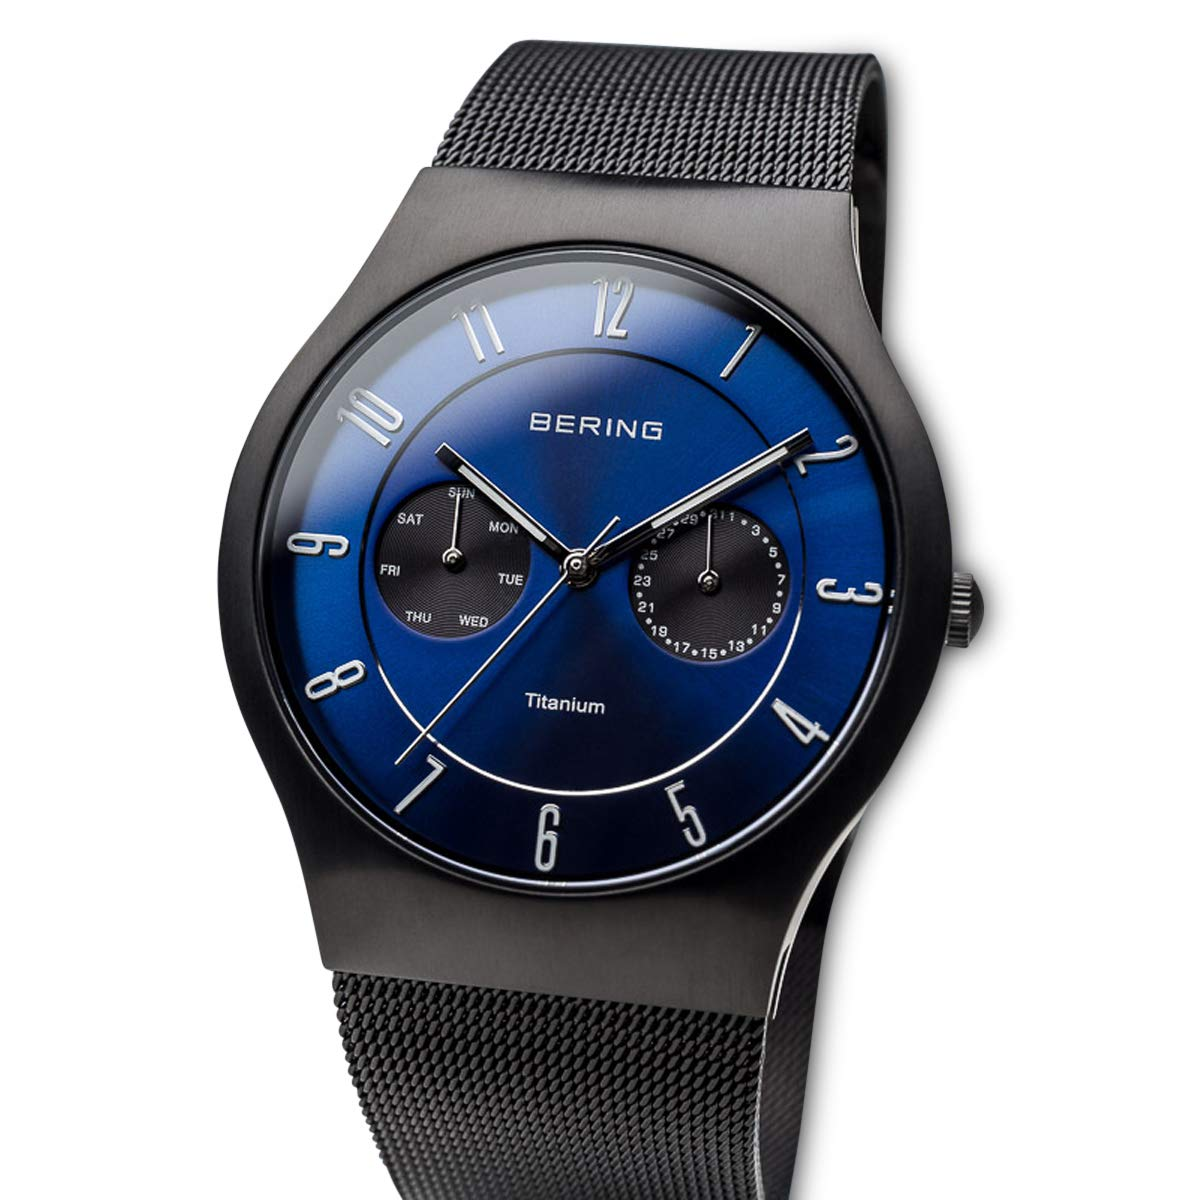 BERING Reloj Analógico para Hombre de Cuarzo con Correa en Acero Inoxidable 11939-078: Amazon.es: Relojes